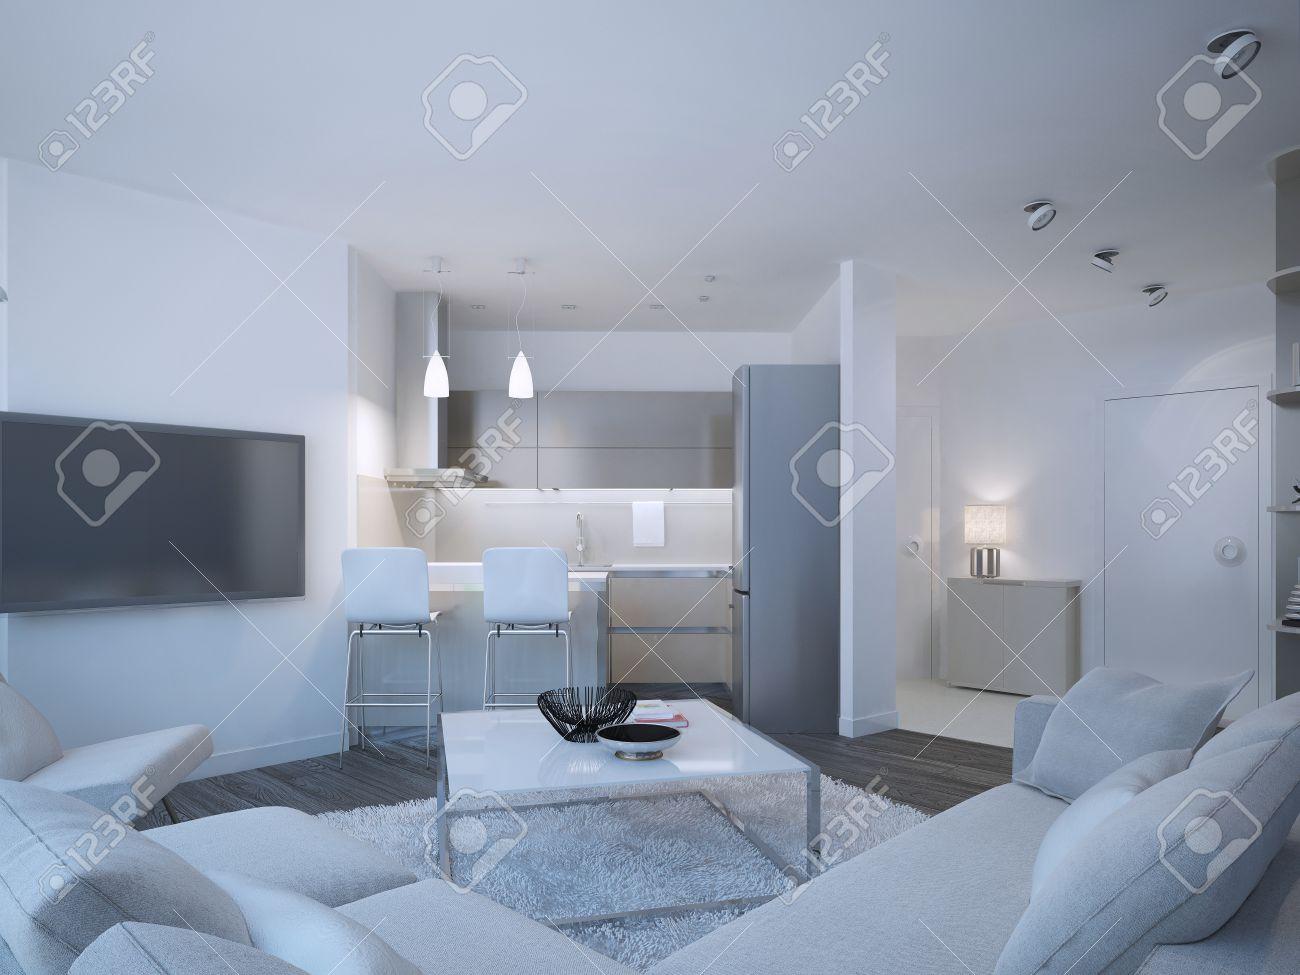 Scandinavian Wohnung Studio Mit Kleinen Zeitgenössischen Küche ...